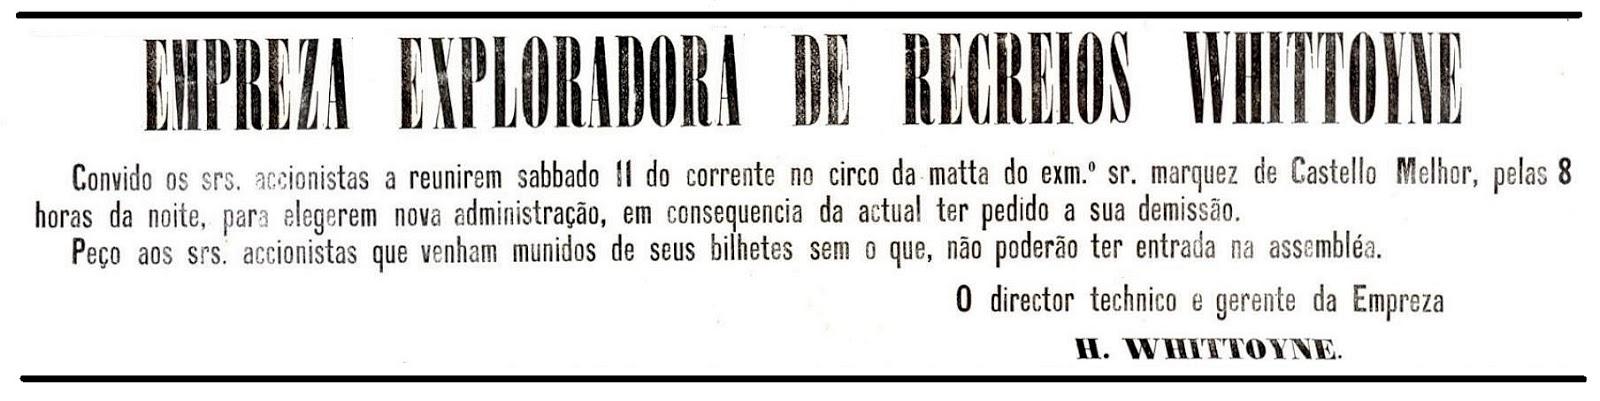 [1875-Empreza-de-Recreios-Whittoyne-1%5B2%5D]